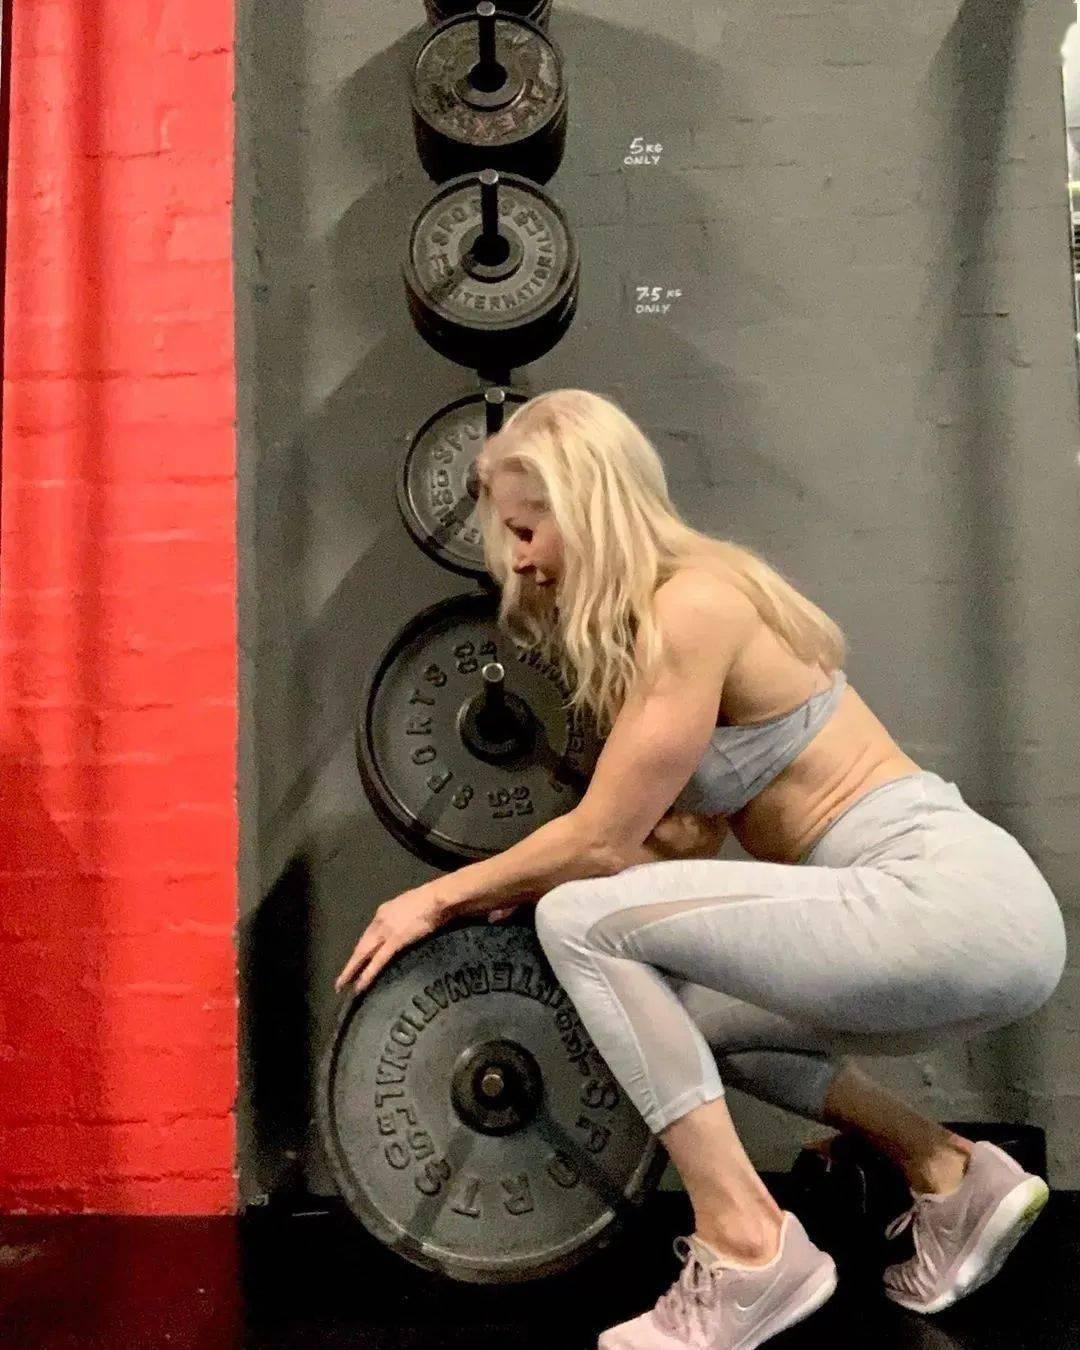 她48岁开始健身,64岁时身材如20岁少女,撸铁16年! 中级健身 第34张